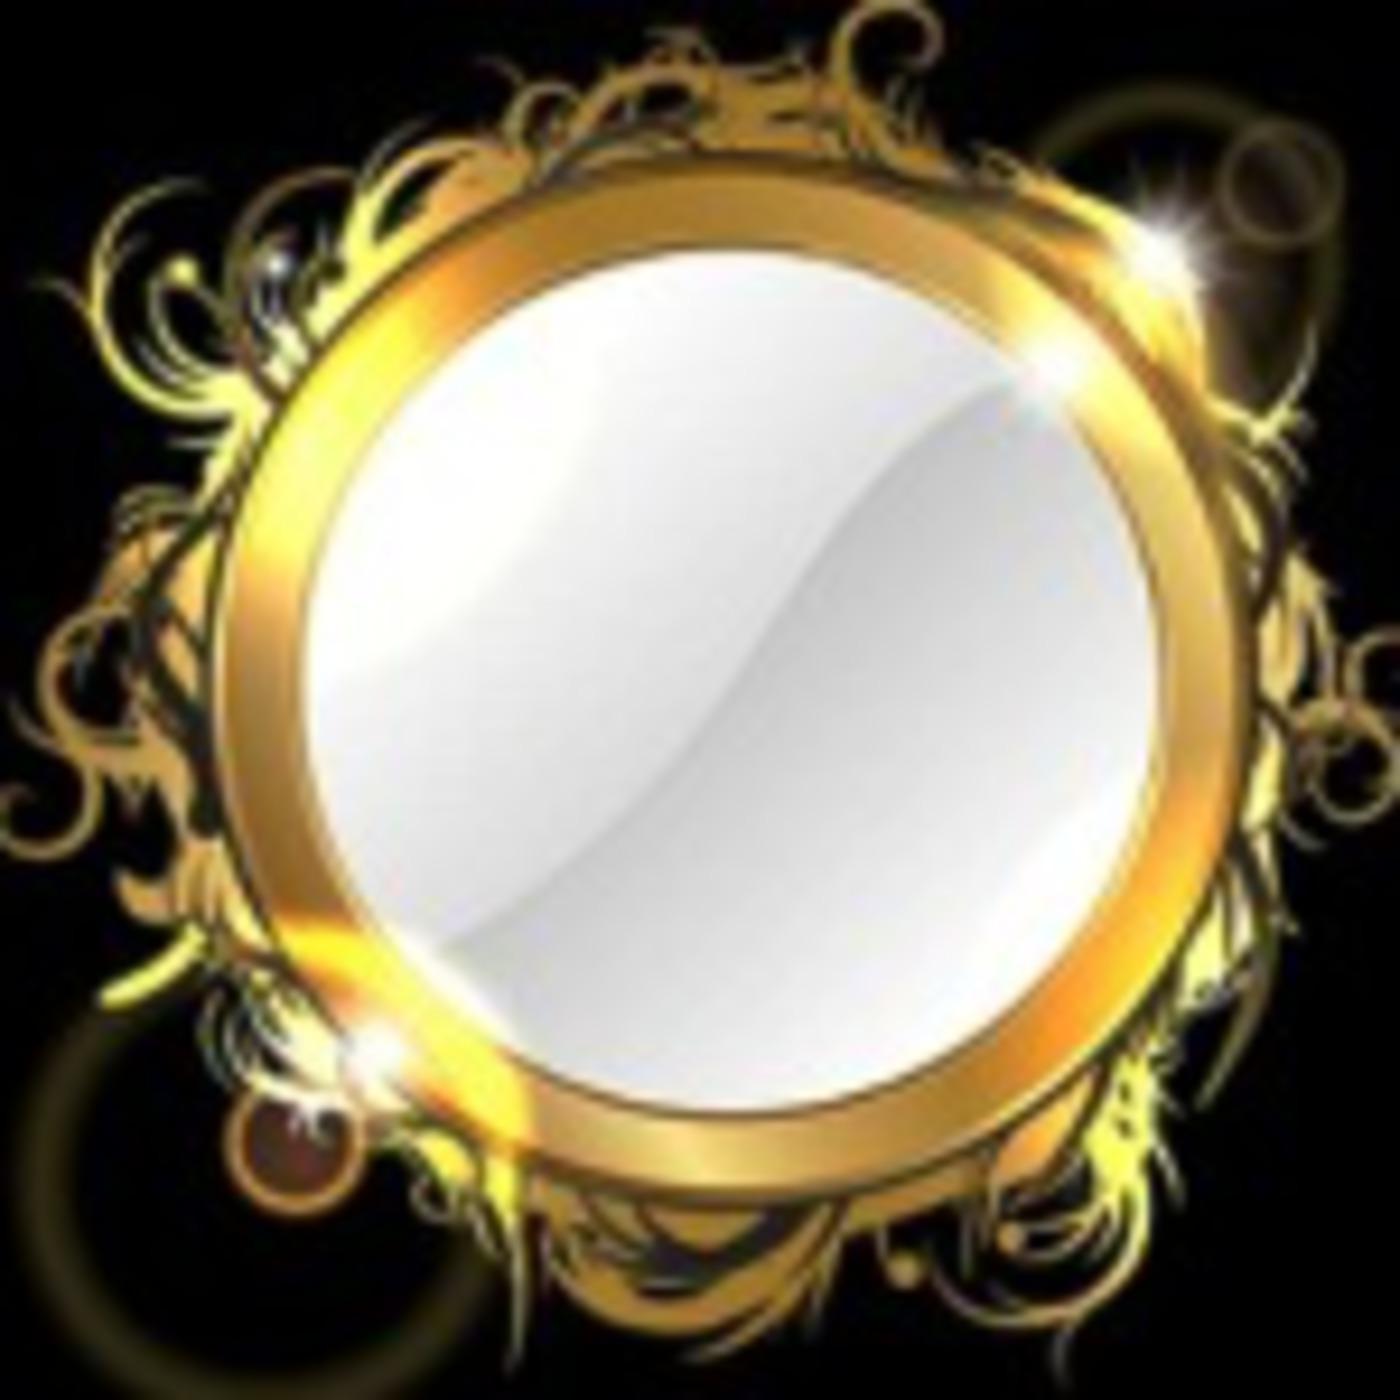 Mirror Check